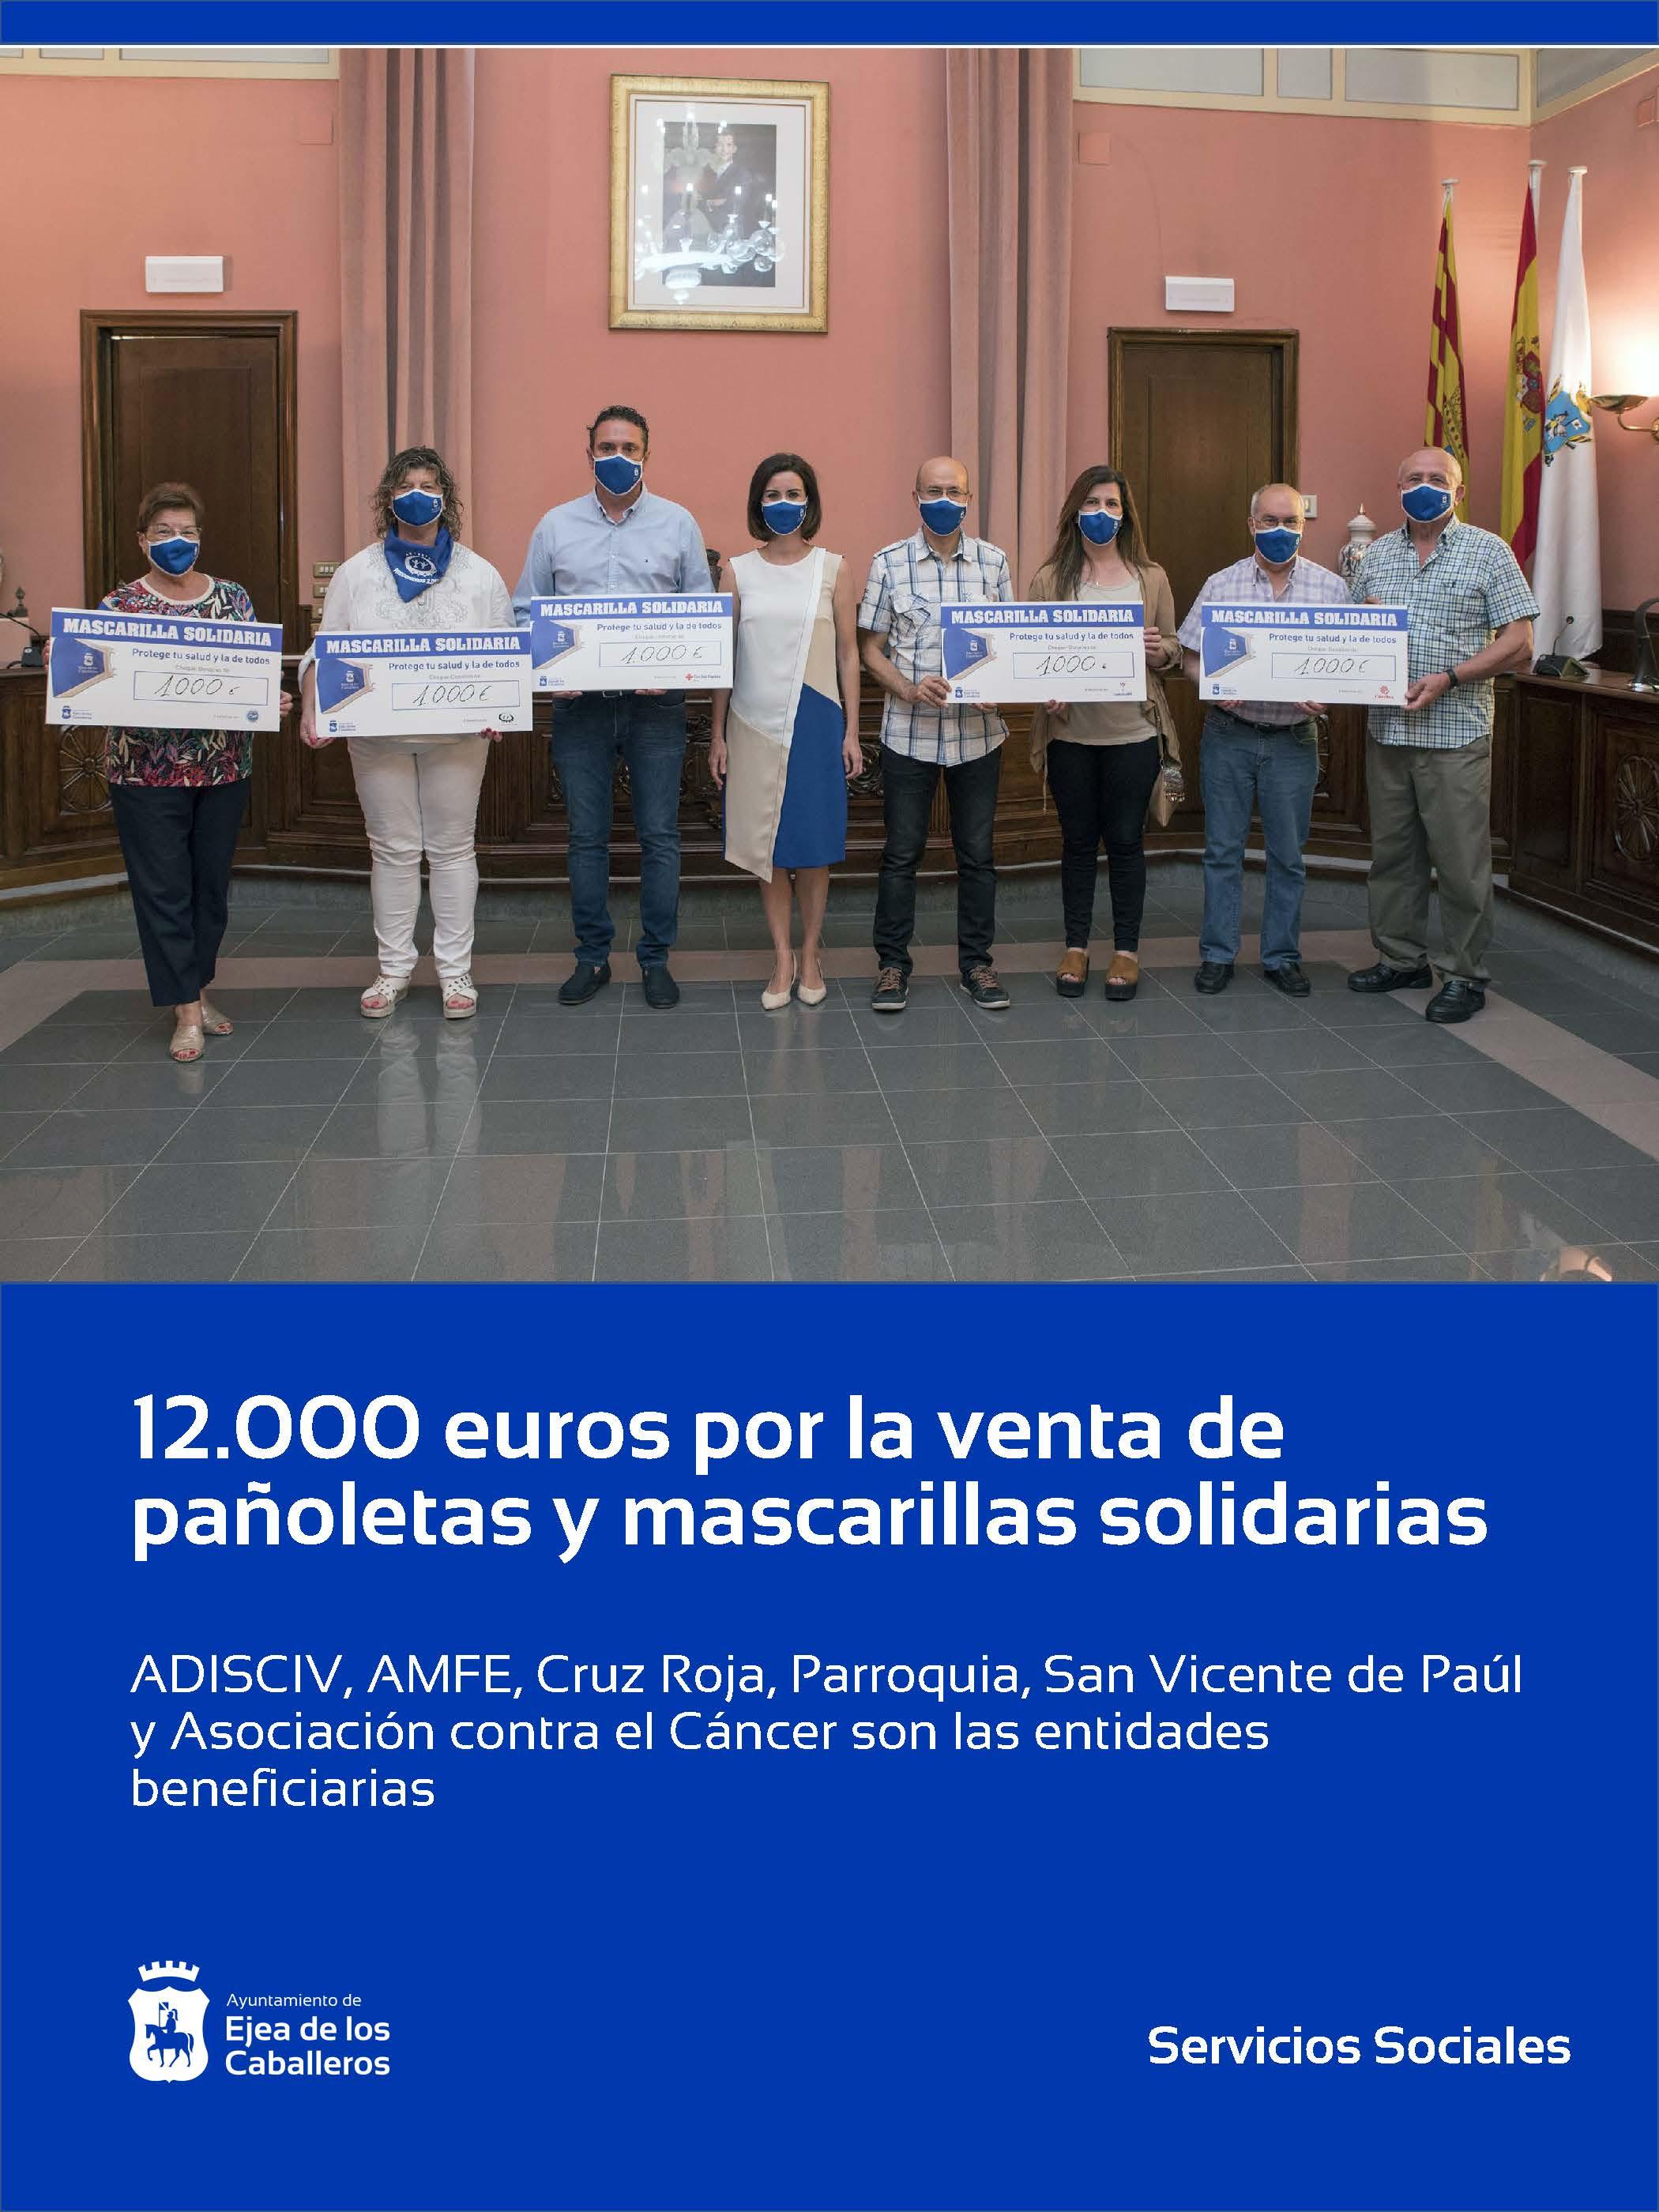 Las entidades sociales de Ejea de los Caballeros reciben 12.000 euros por la venta de mascarillas y pañoletas solidarias